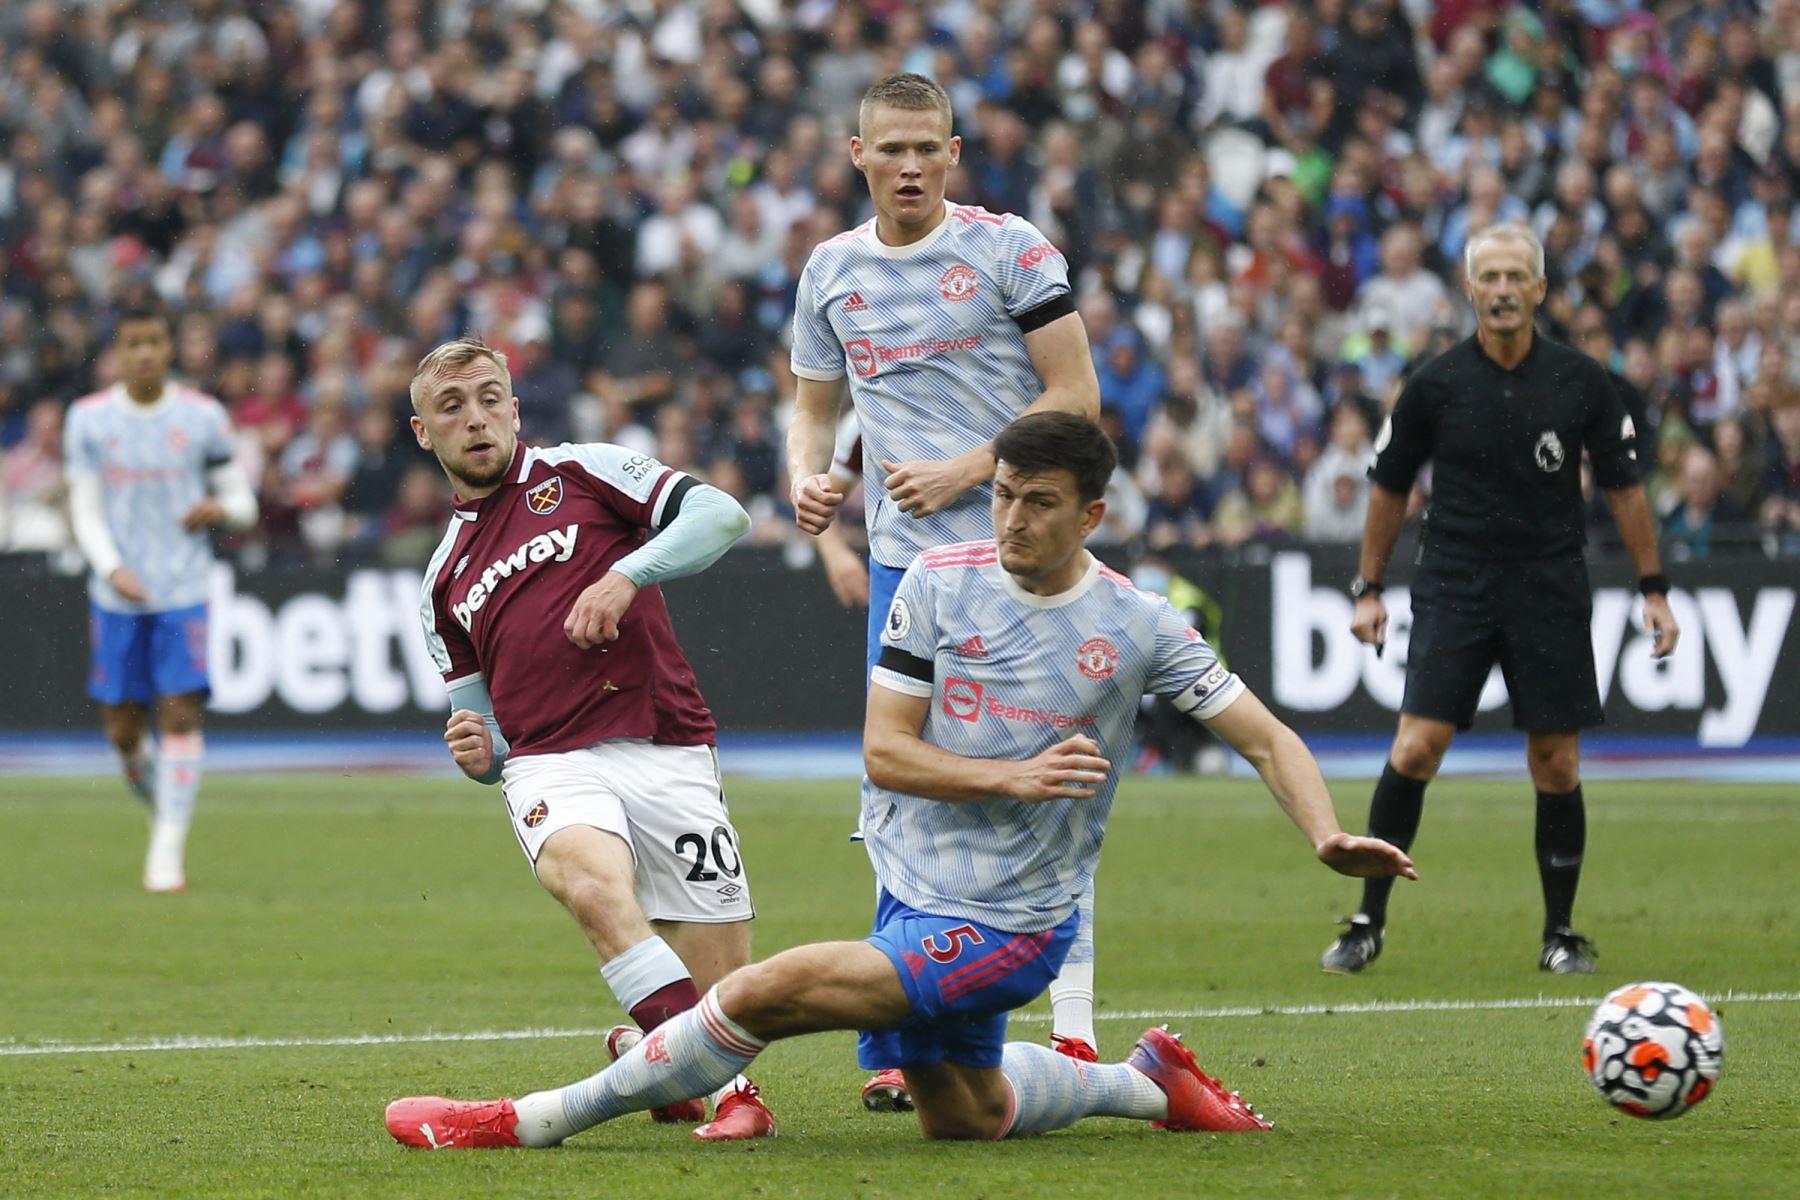 El delantero inglés del West Ham United, Jarrod Bowen, Tiene este disparo salvado durante el partido de fútbol de la Premier League inglesa entre el West Ham United y el Manchester United. Foto: AFP